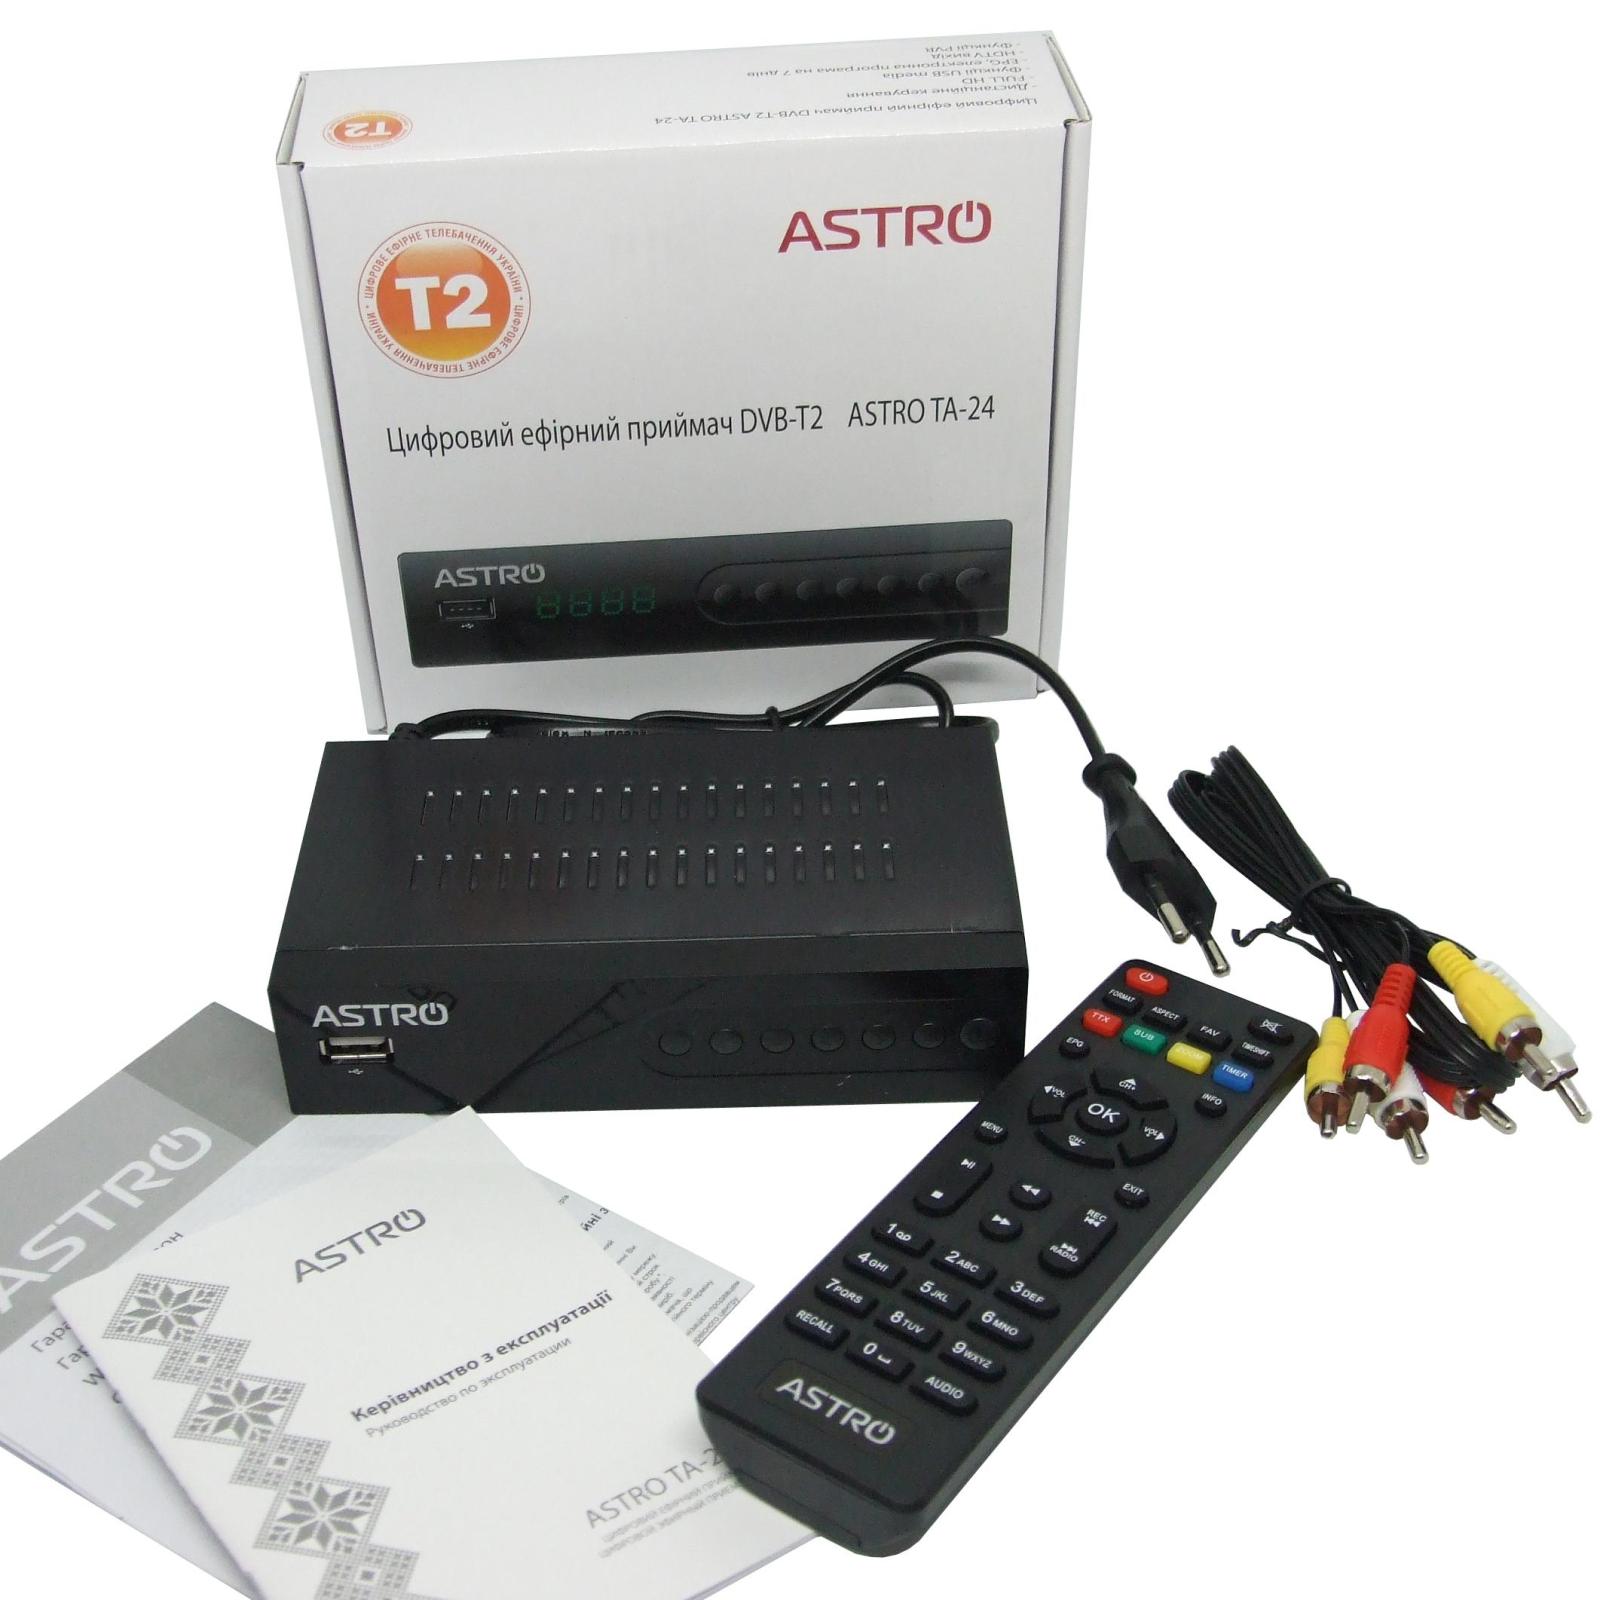 ТВ тюнер Astro DVB-T, DVB-T2, + USB-port (TA-24) зображення 5